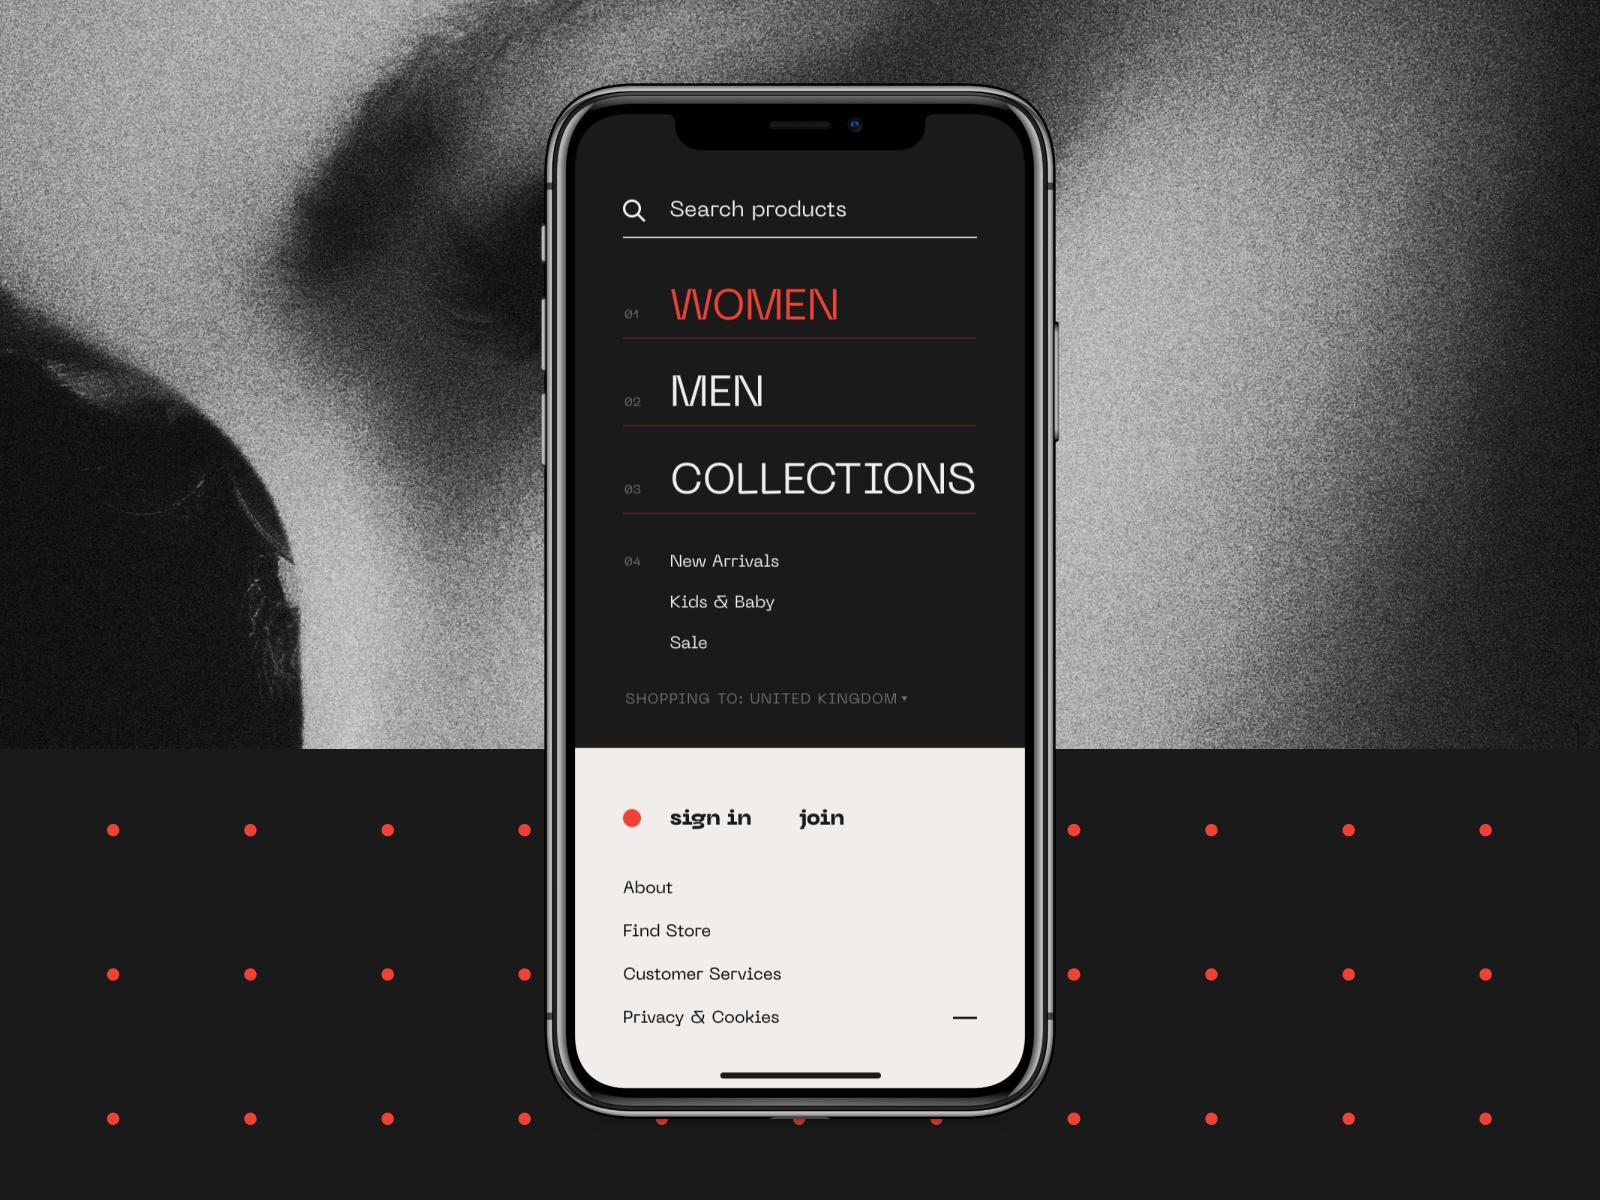 Mobile ecommerce app menu screen tubik